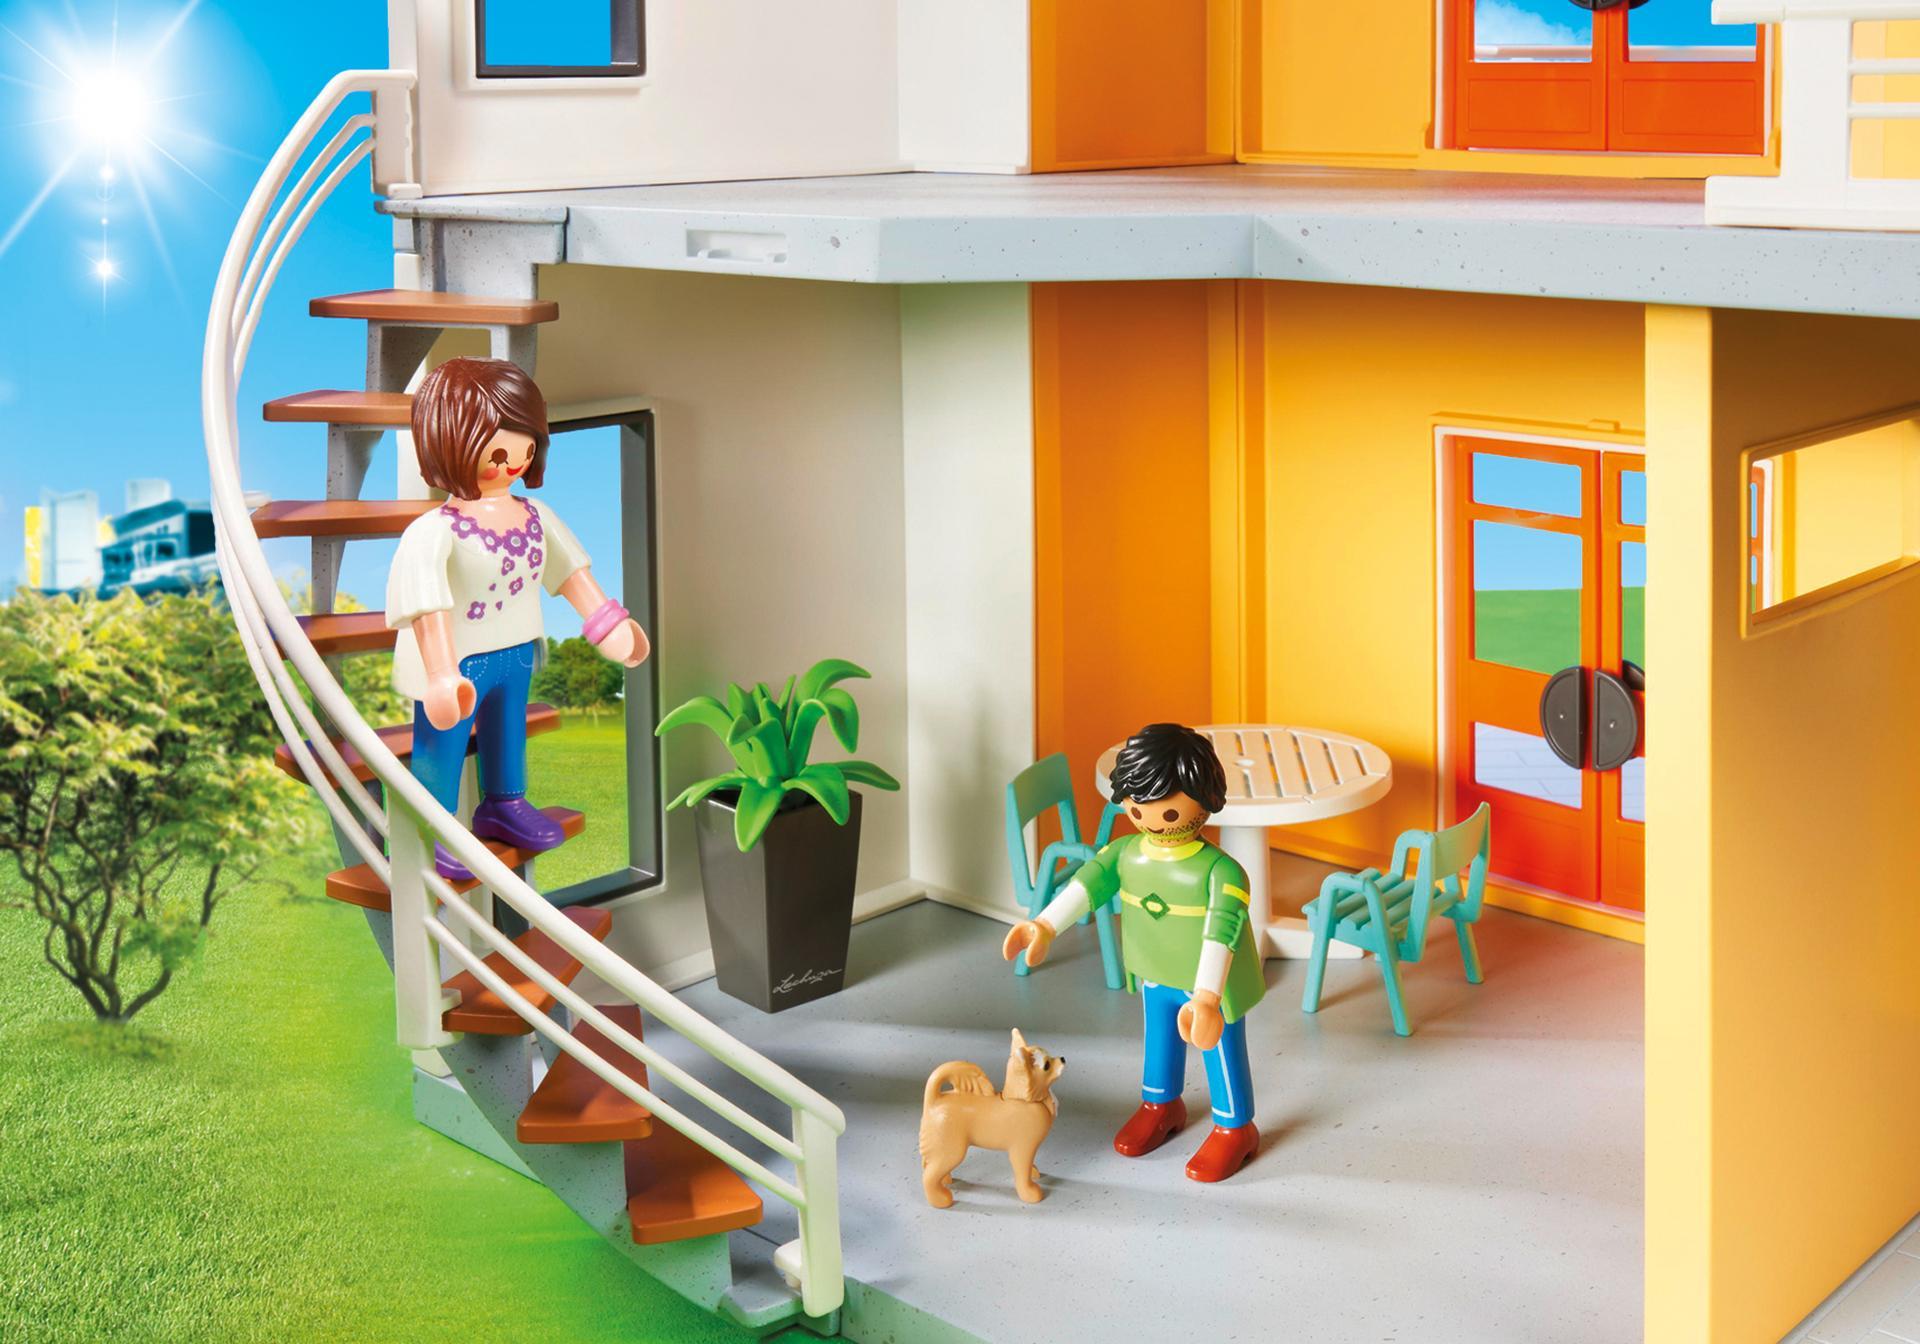 Villa moderna 9266 playmobil italia for Casa moderna playmobil 9266